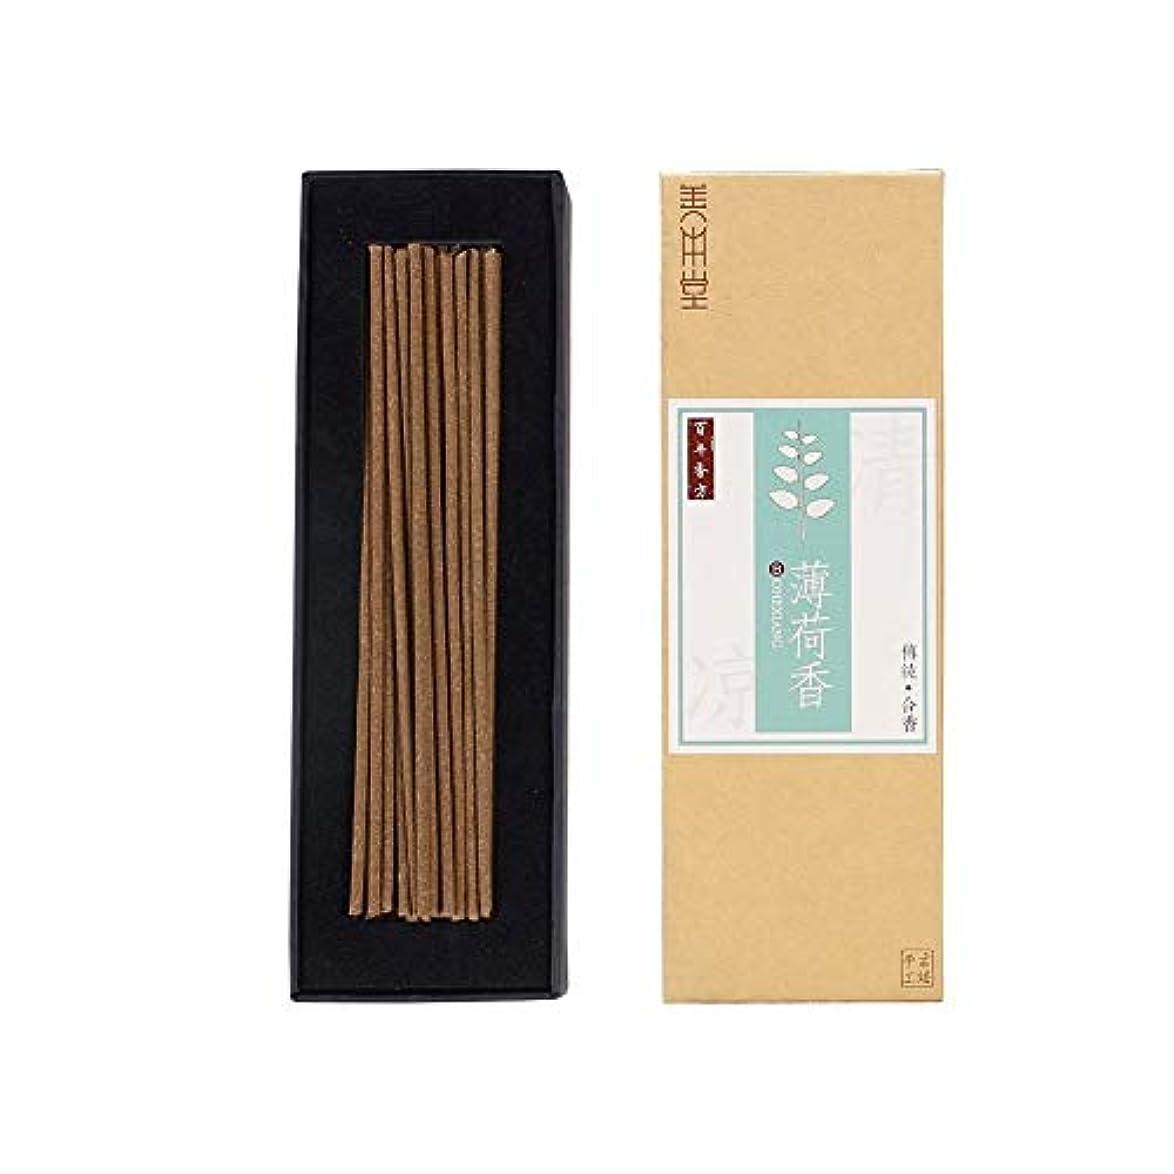 選挙満足できるビットshanbentang Incense Sticks Classical Chinese Incense、古代の知恵、アロマの千年前、ミント味( 5.5in ) 5.5in ブラウン